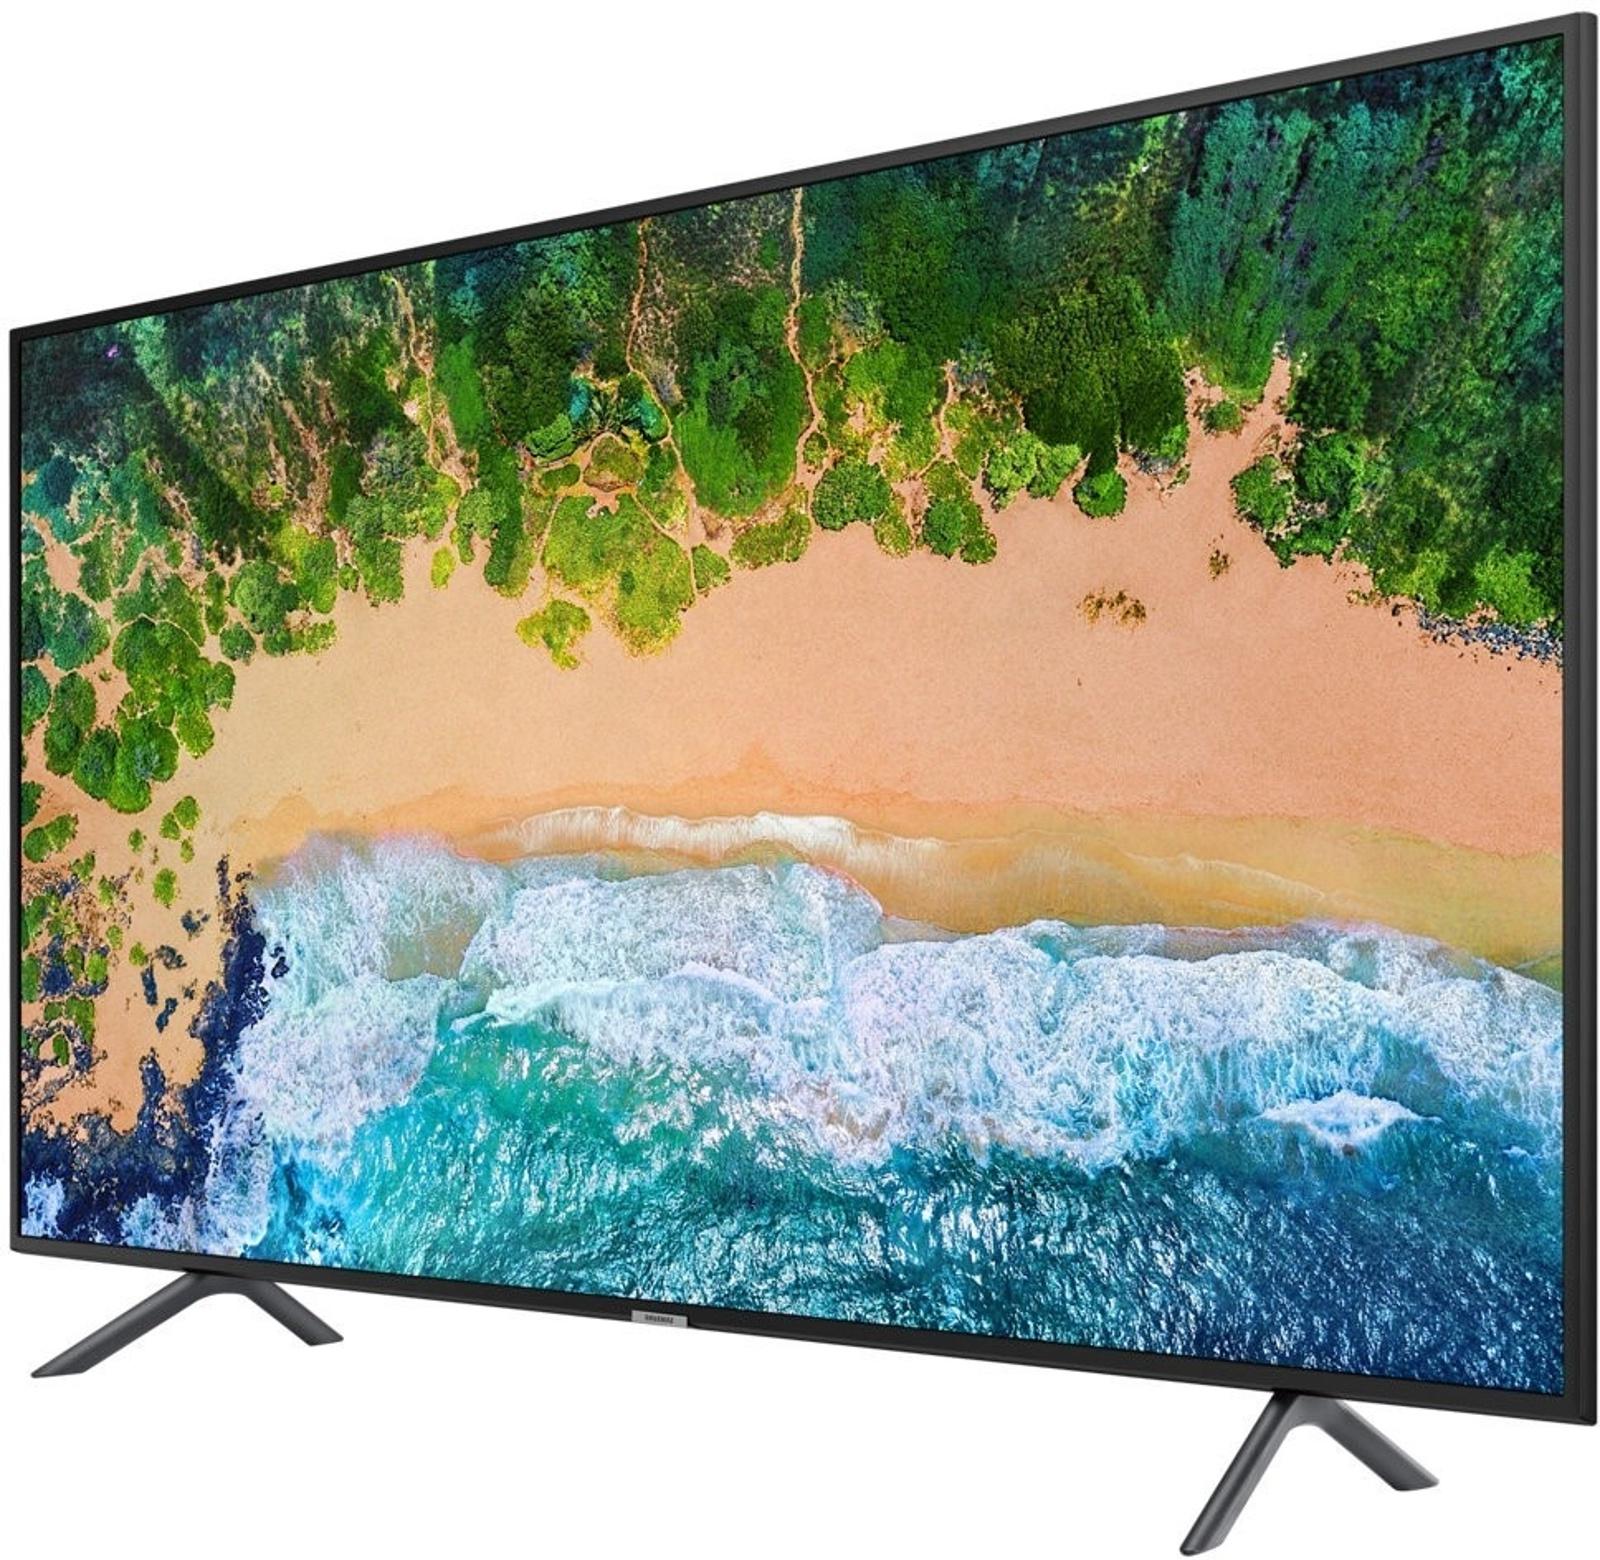 """Samsung 49Nu7100 49"""" 123 Ekran Uydu Alıcılı 4K Uhd Smart Led Tv Within Kai 63 Inch Tv Stands (Gallery 9 of 20)"""